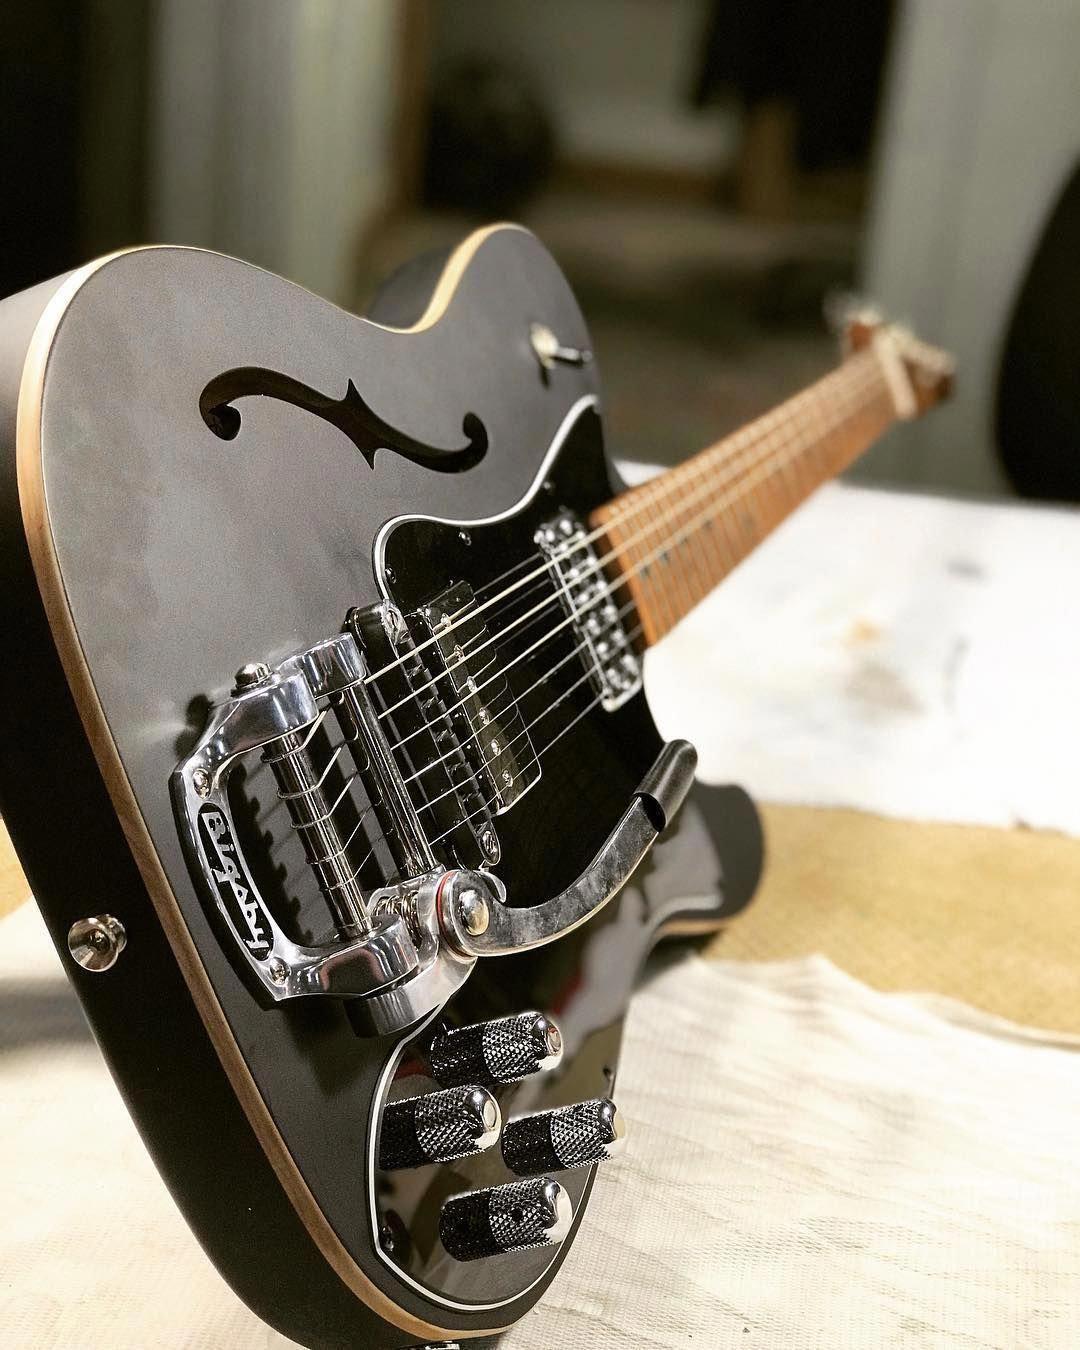 ผลการค้นหารูปภาพสำหรับ Stratocaster  guitar